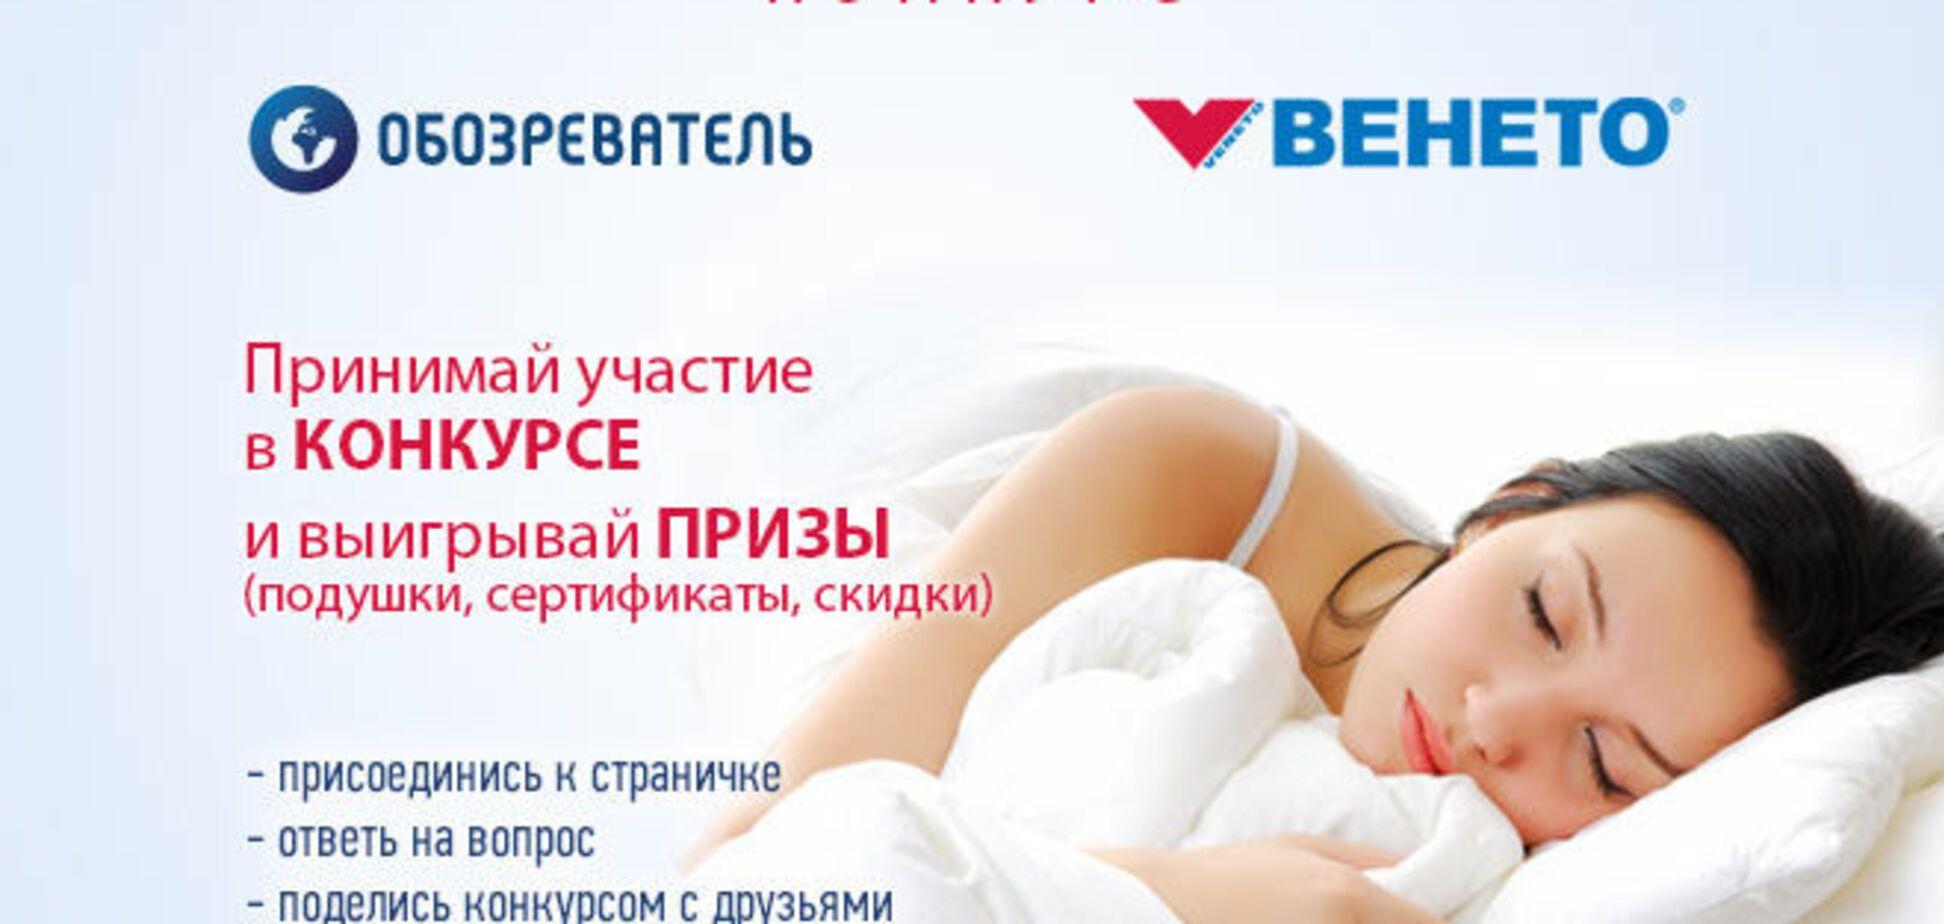 'Обозреватель' і 'Венето' дарує ортопедичні подушки!